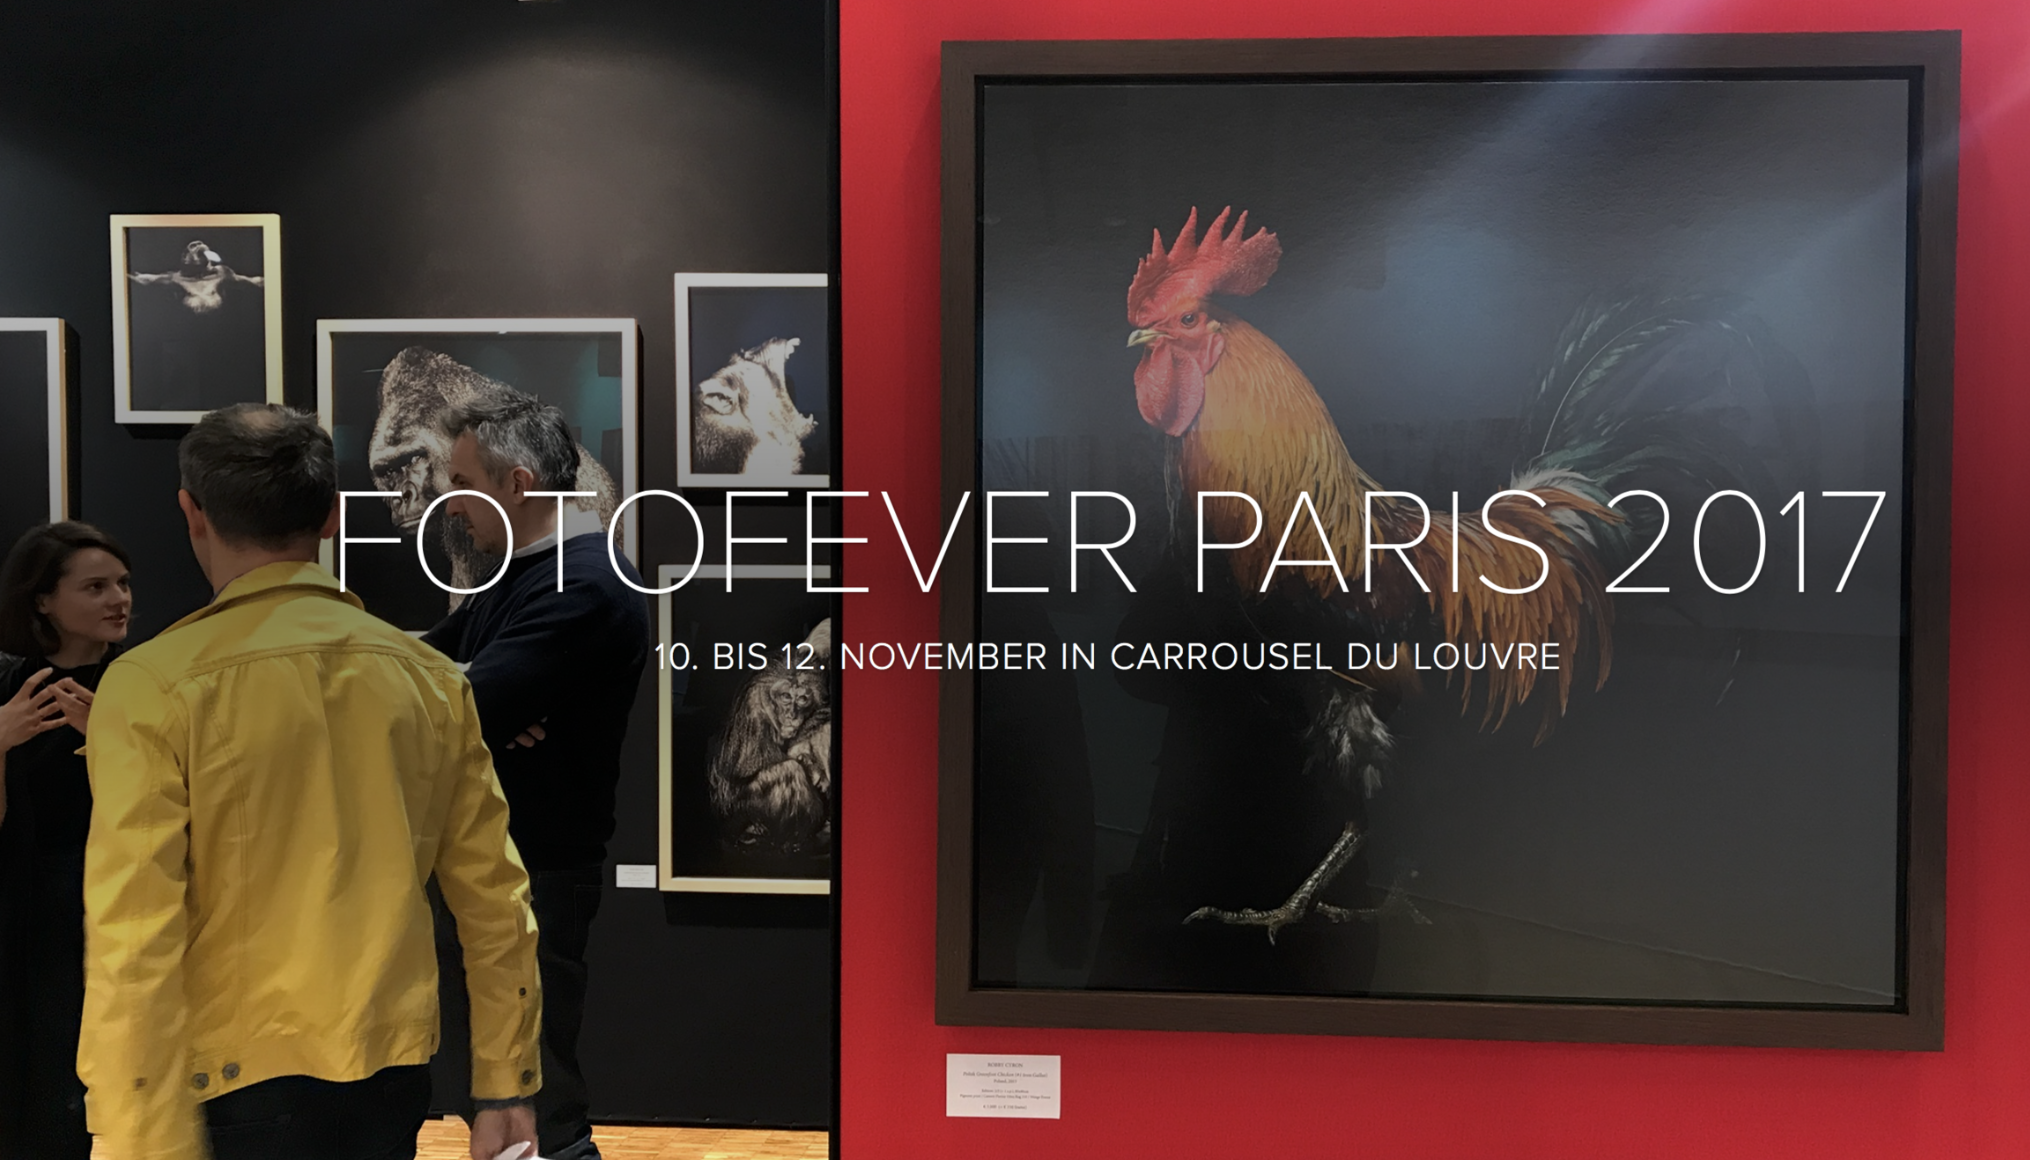 Fotofever Paris - Nadja Gusenbauer